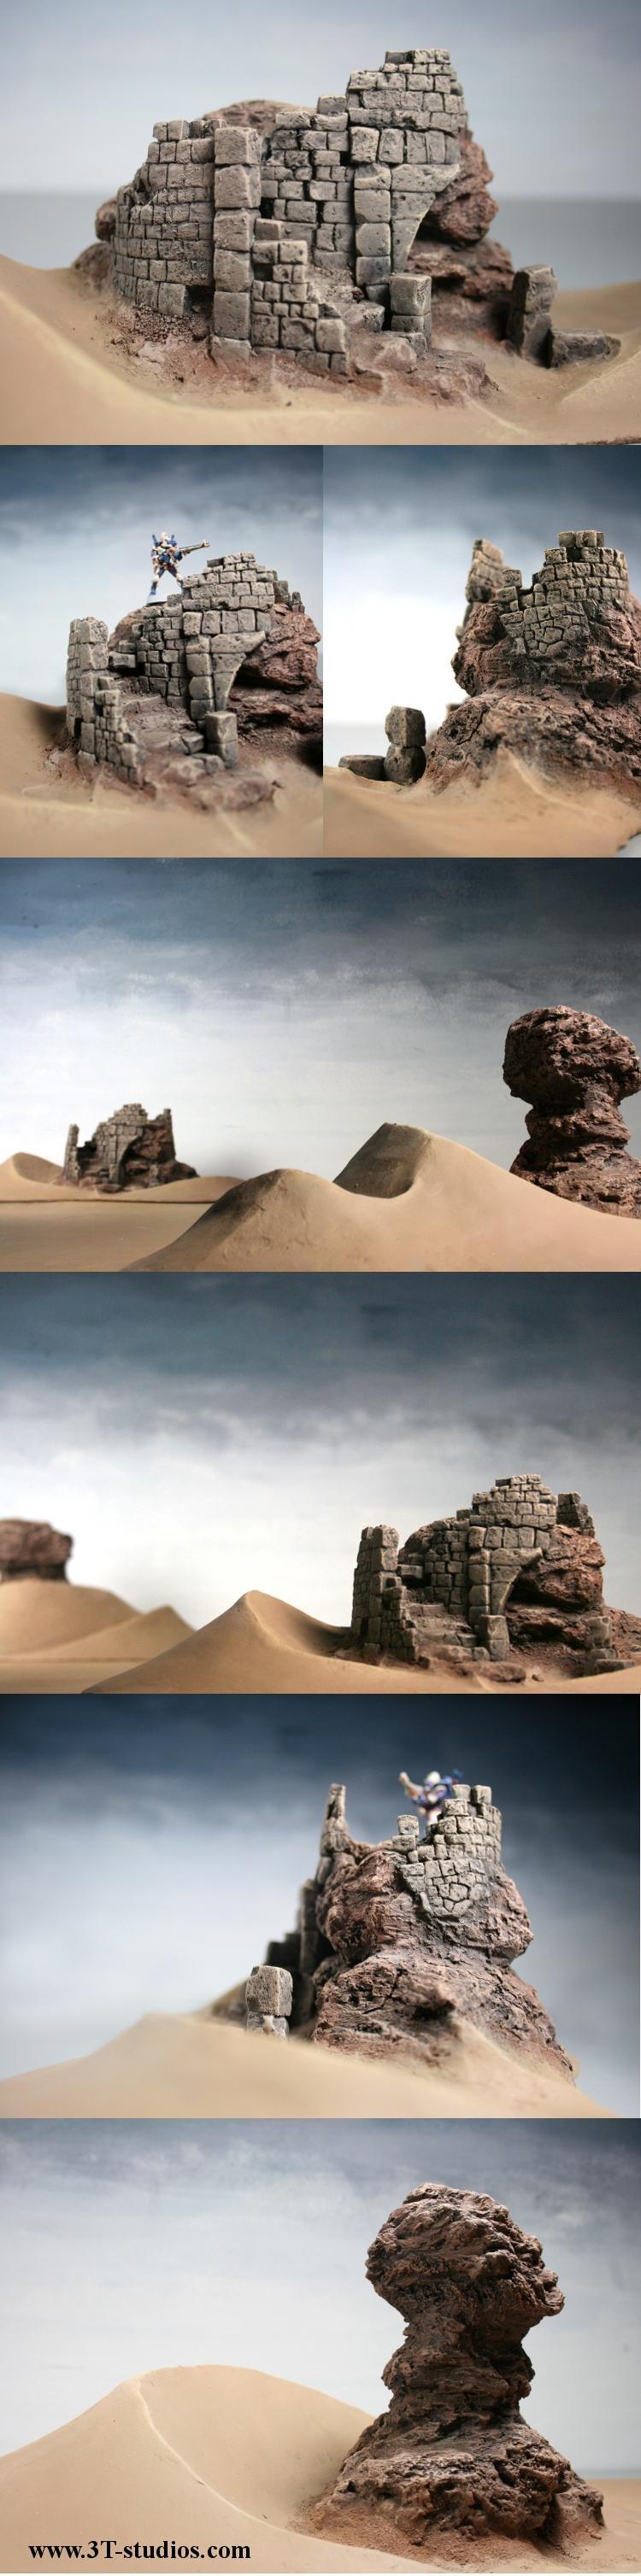 3t, Desert, Dunes, Terrain